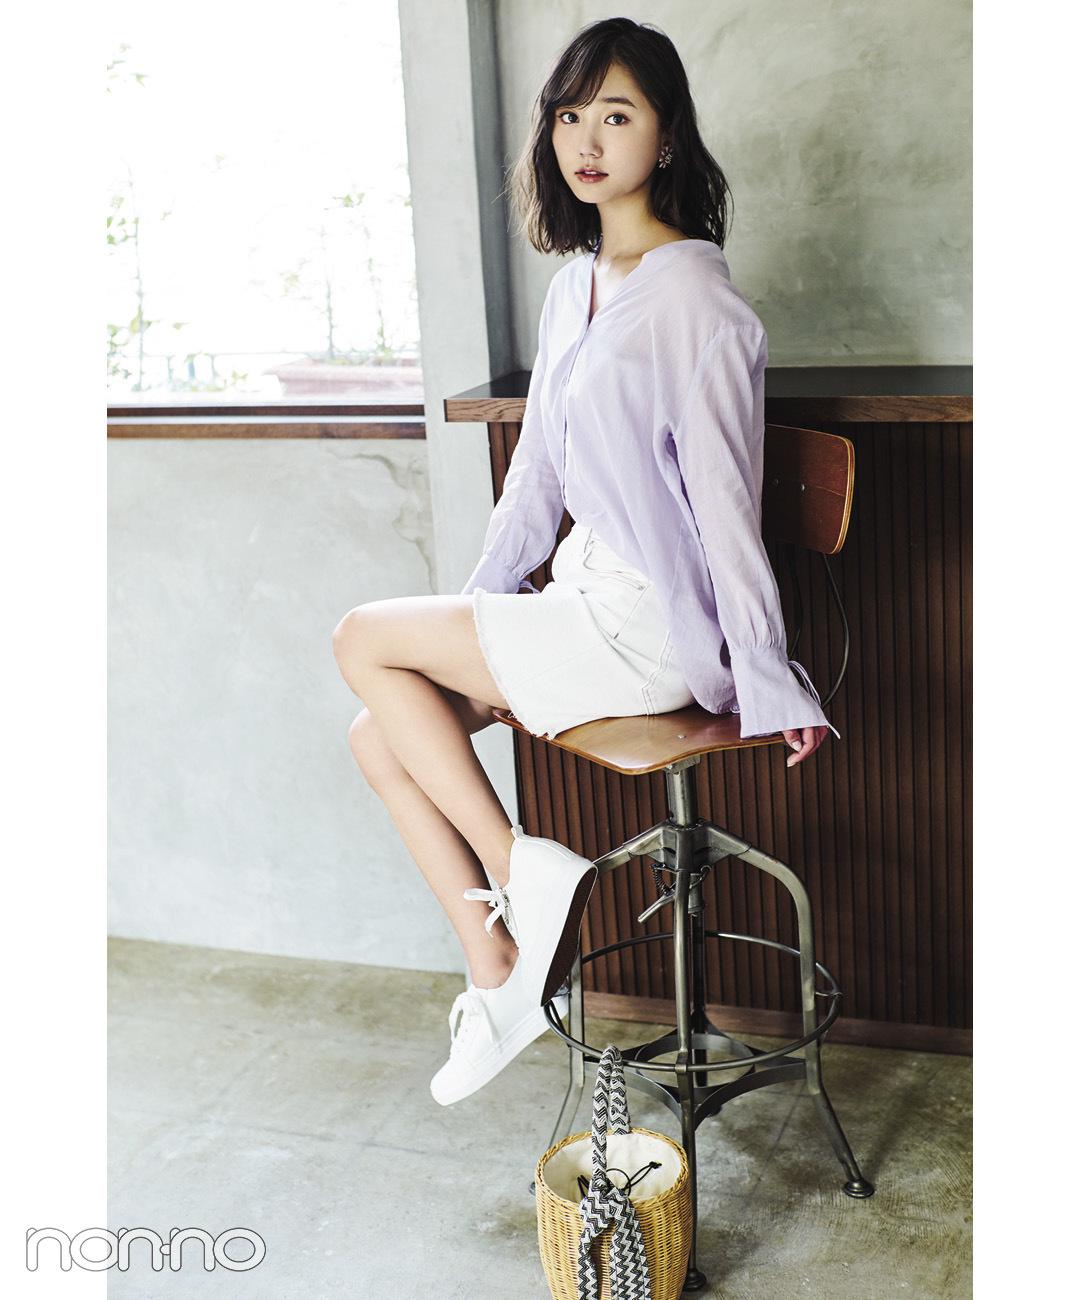 【夏のシャツコーデ】鈴木友菜は、ラベンダーシャツでほのかな色っぽさを